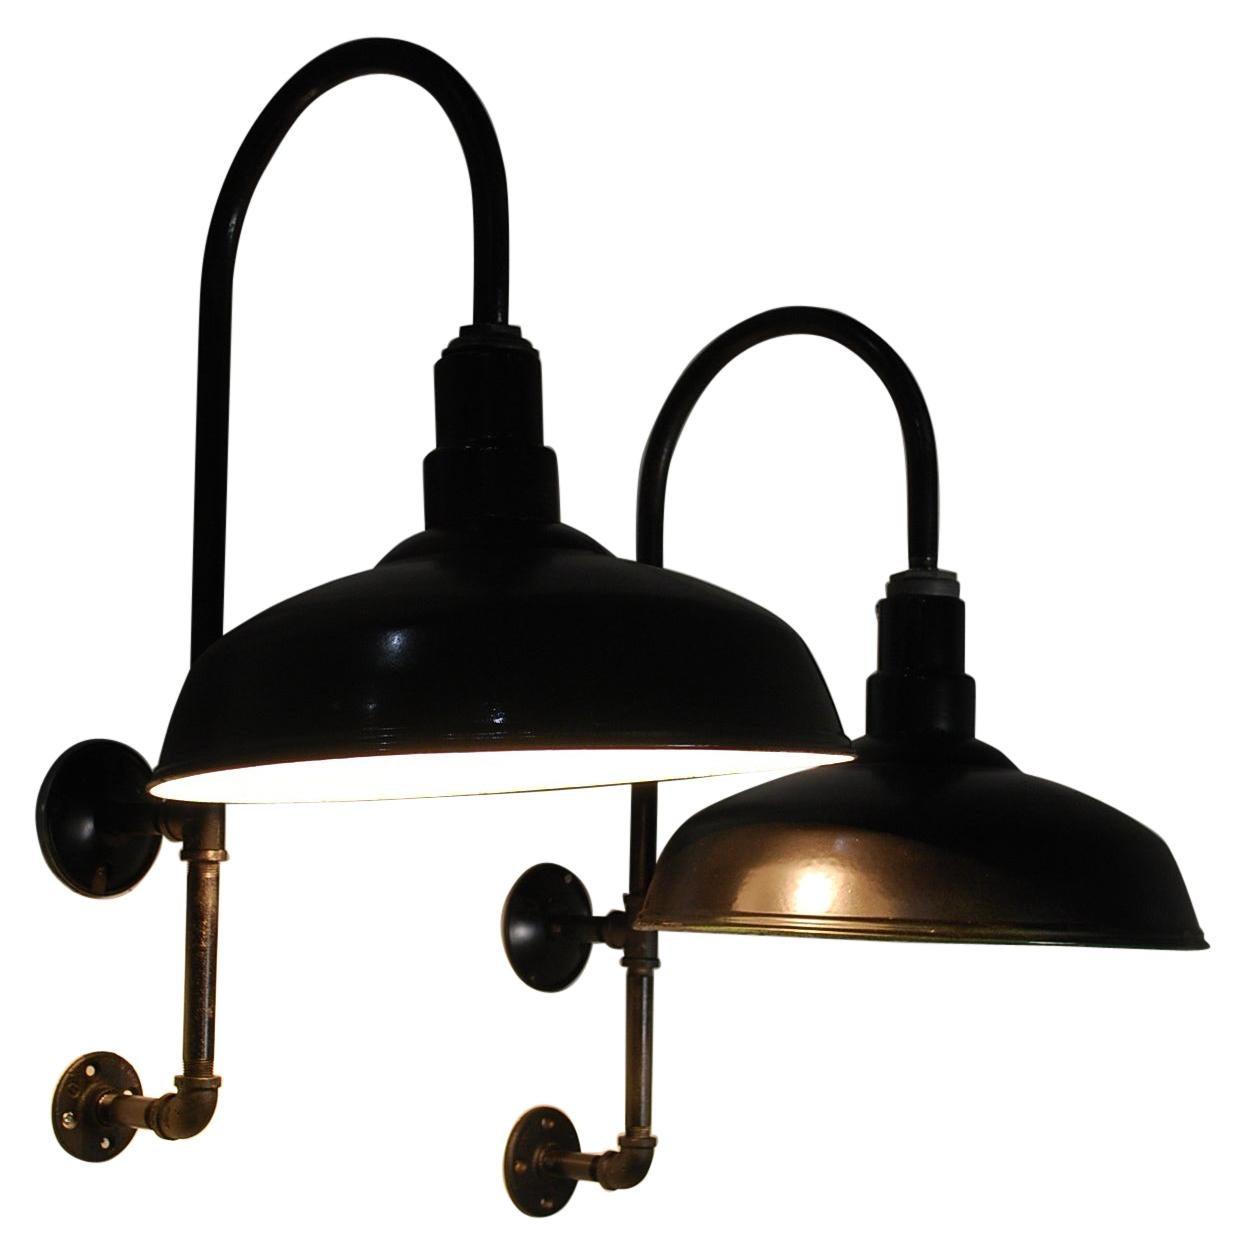 1940 Industrial Benjamin Sconces Lights